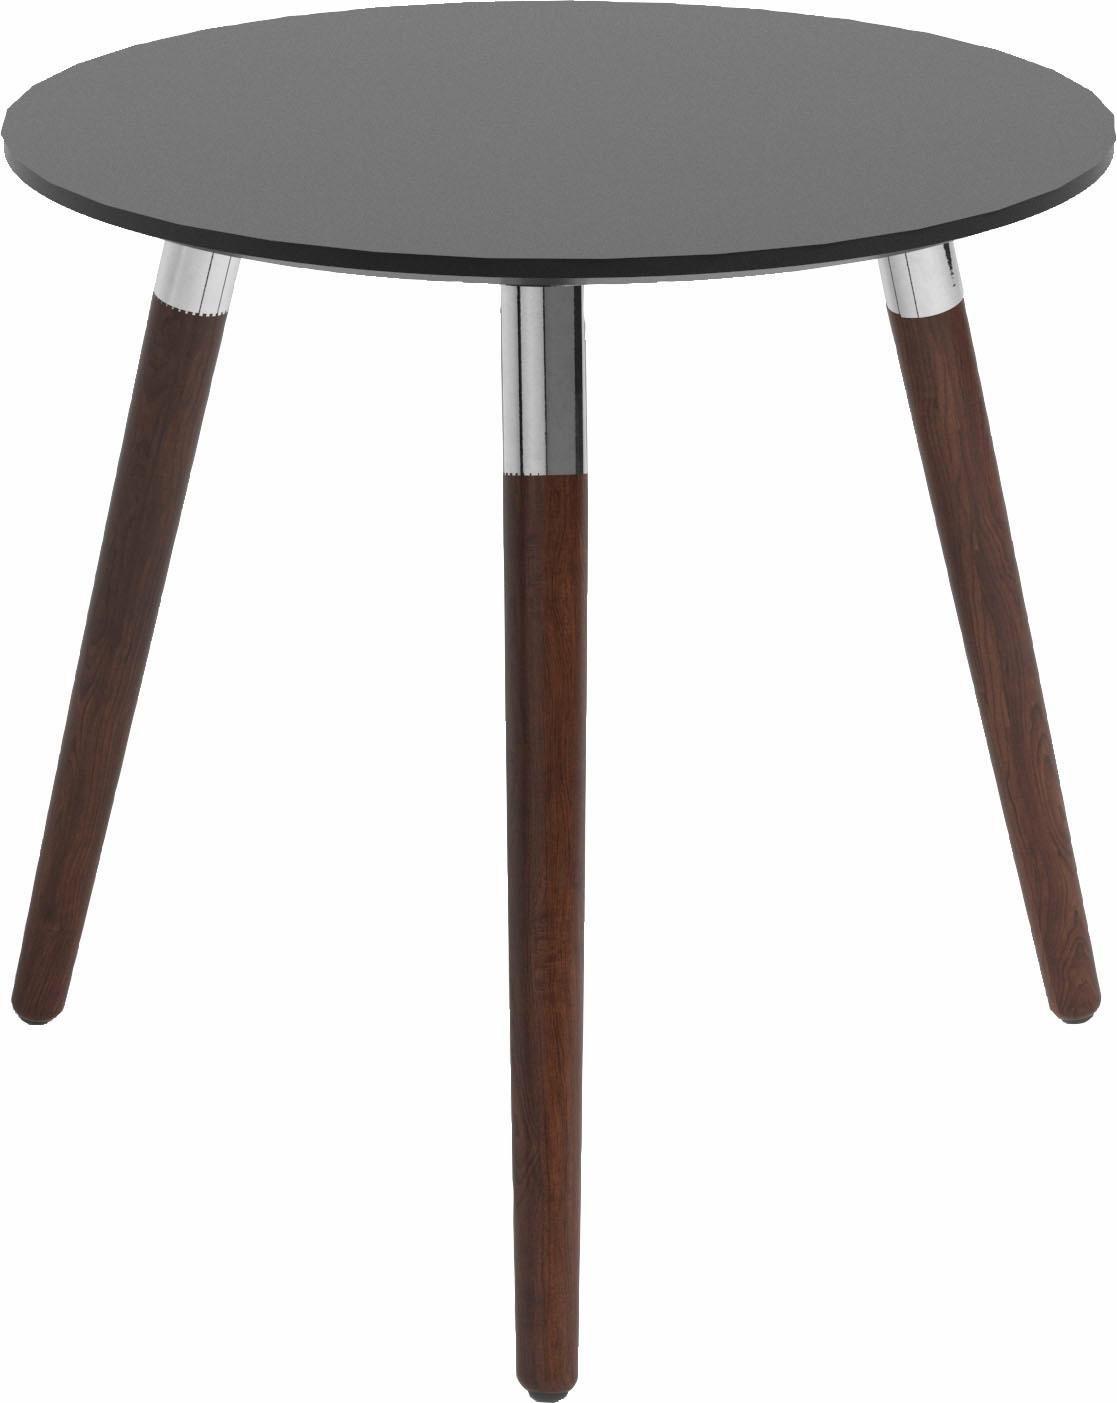 beistelltisch runder glasplatte preisvergleich die besten angebote online kaufen. Black Bedroom Furniture Sets. Home Design Ideas